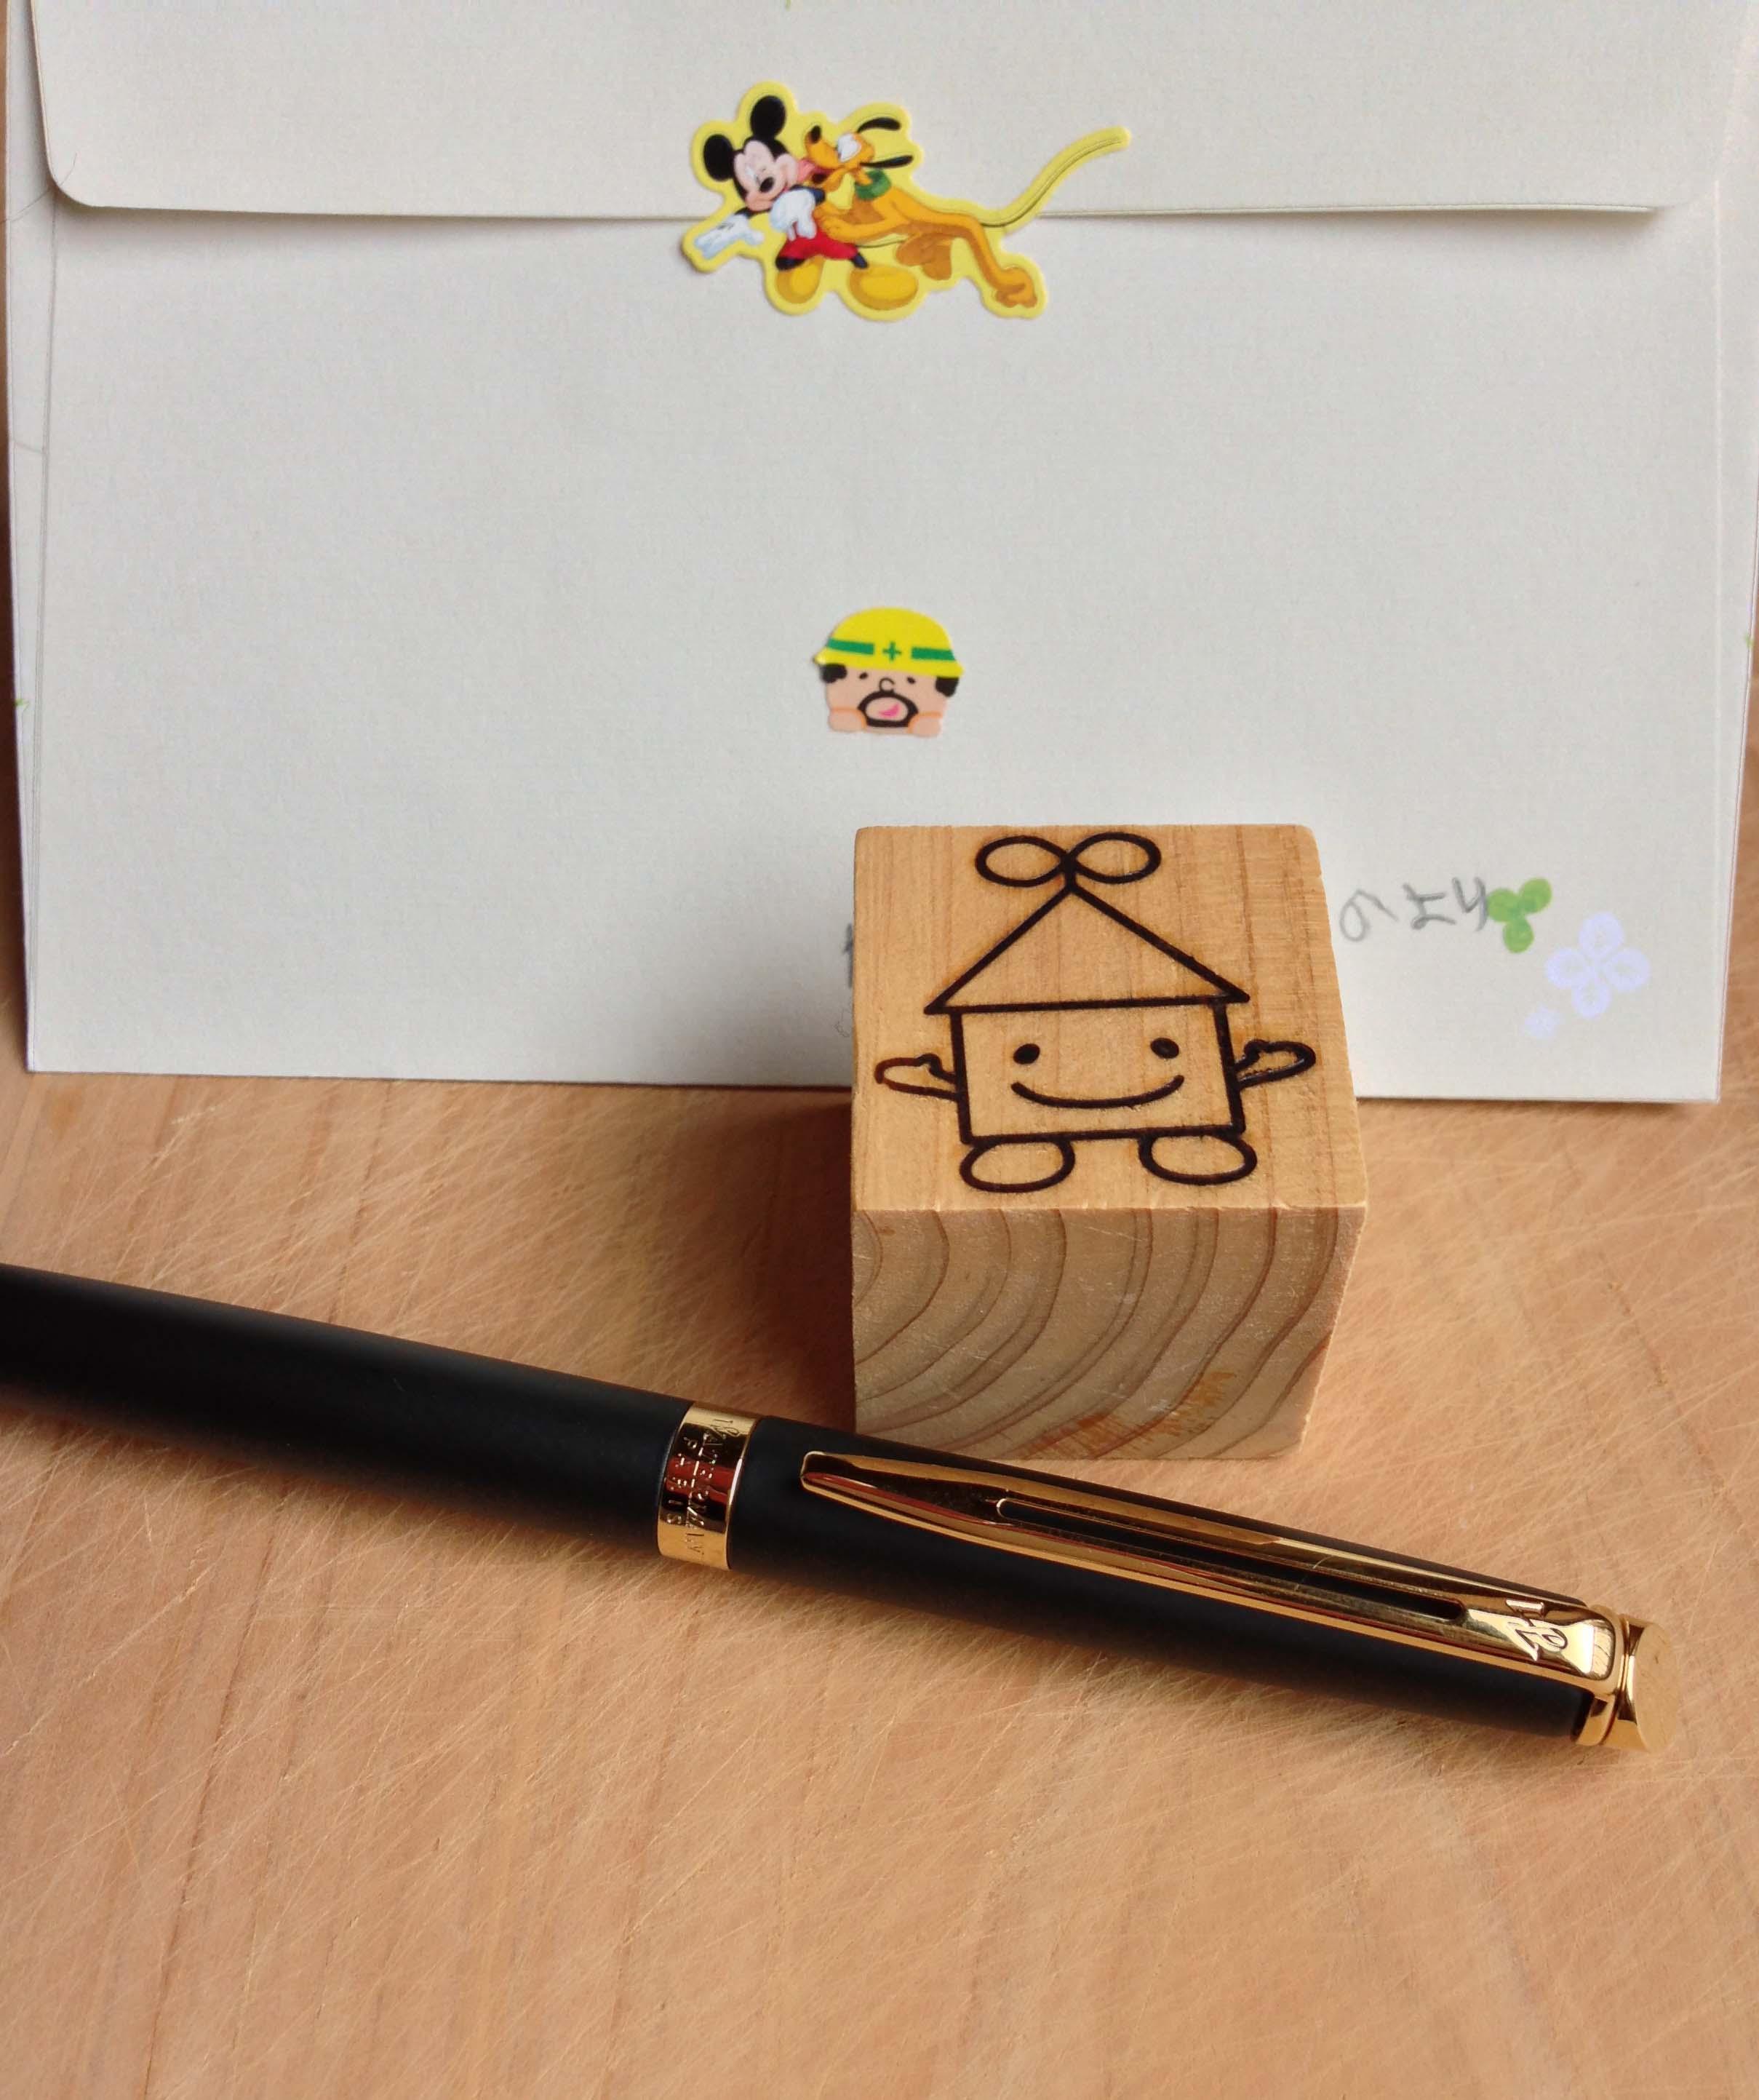 お手紙 と ペン と おじさん @結house_c0307053_14512788.jpg